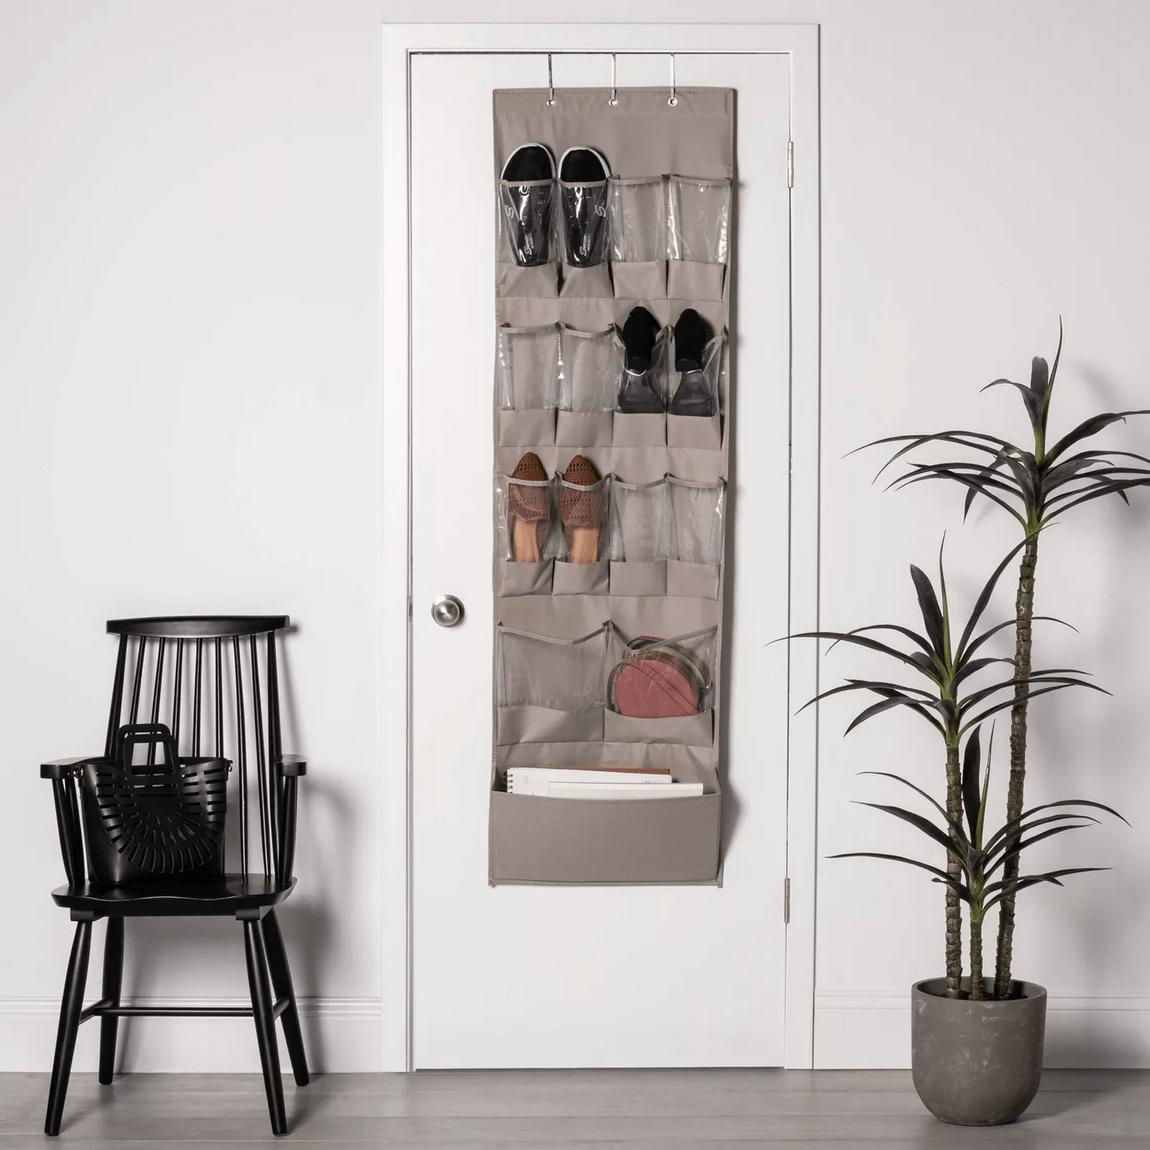 15 Pocket Over The Door Hanging Shoe Organizer